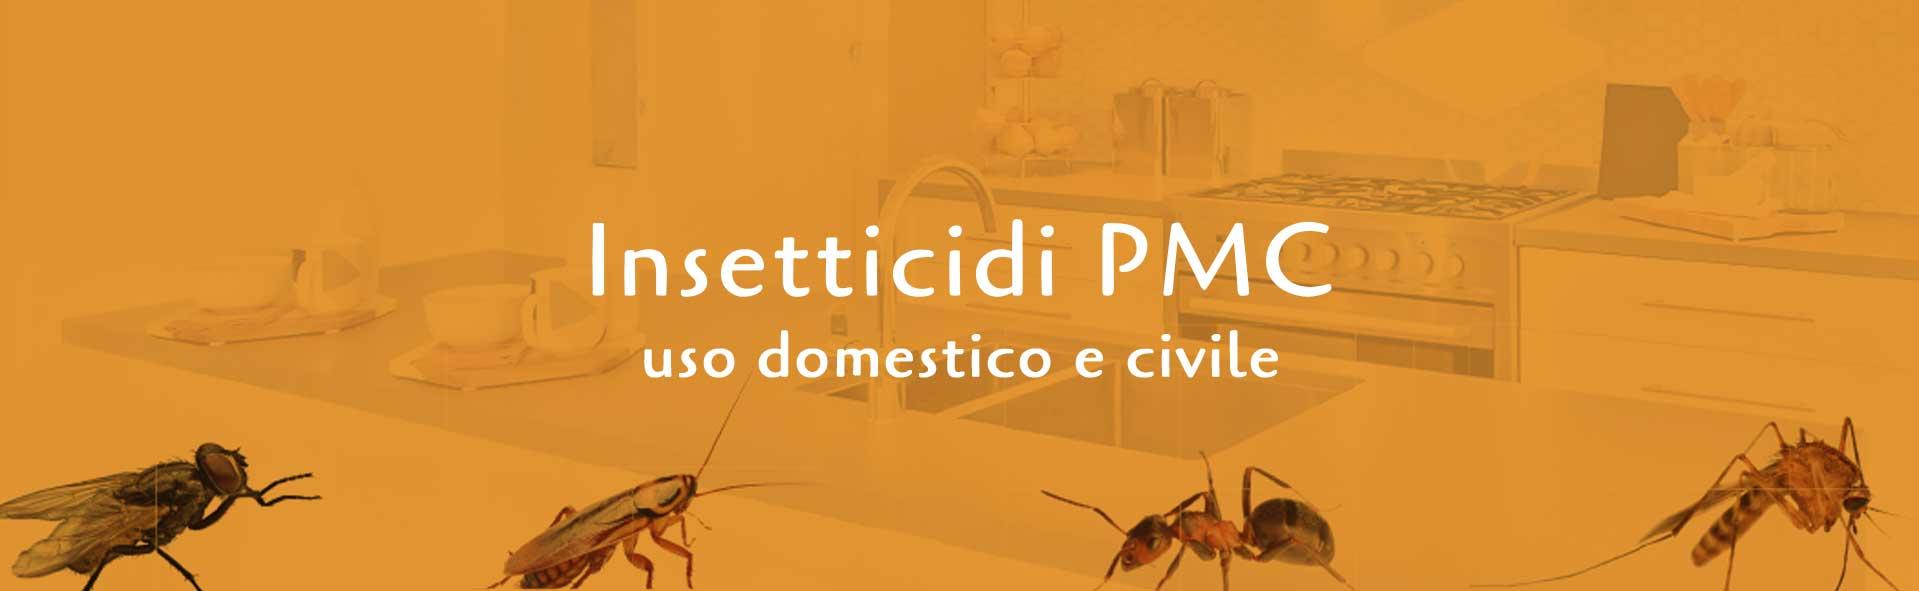 SEPRAN_insetticidi_header